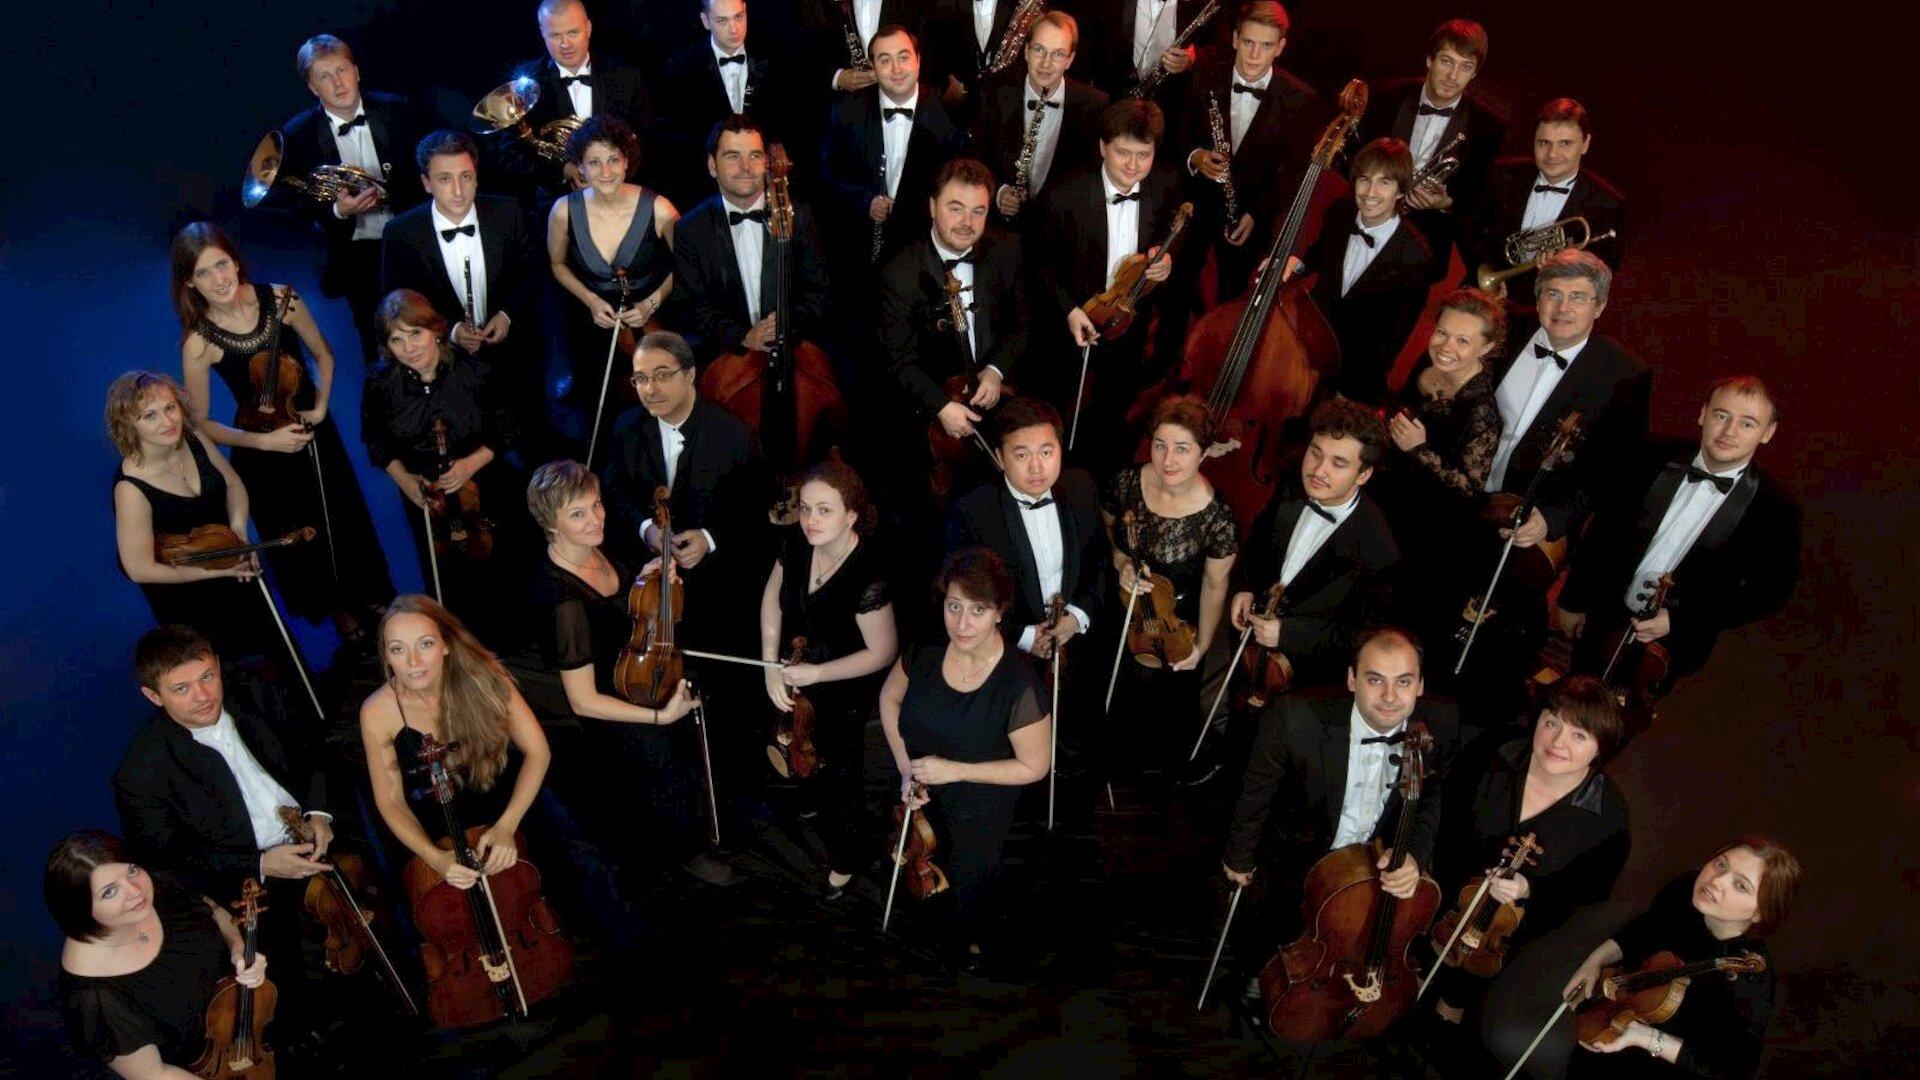 Оркестр Musica Viva. Concerto grosso